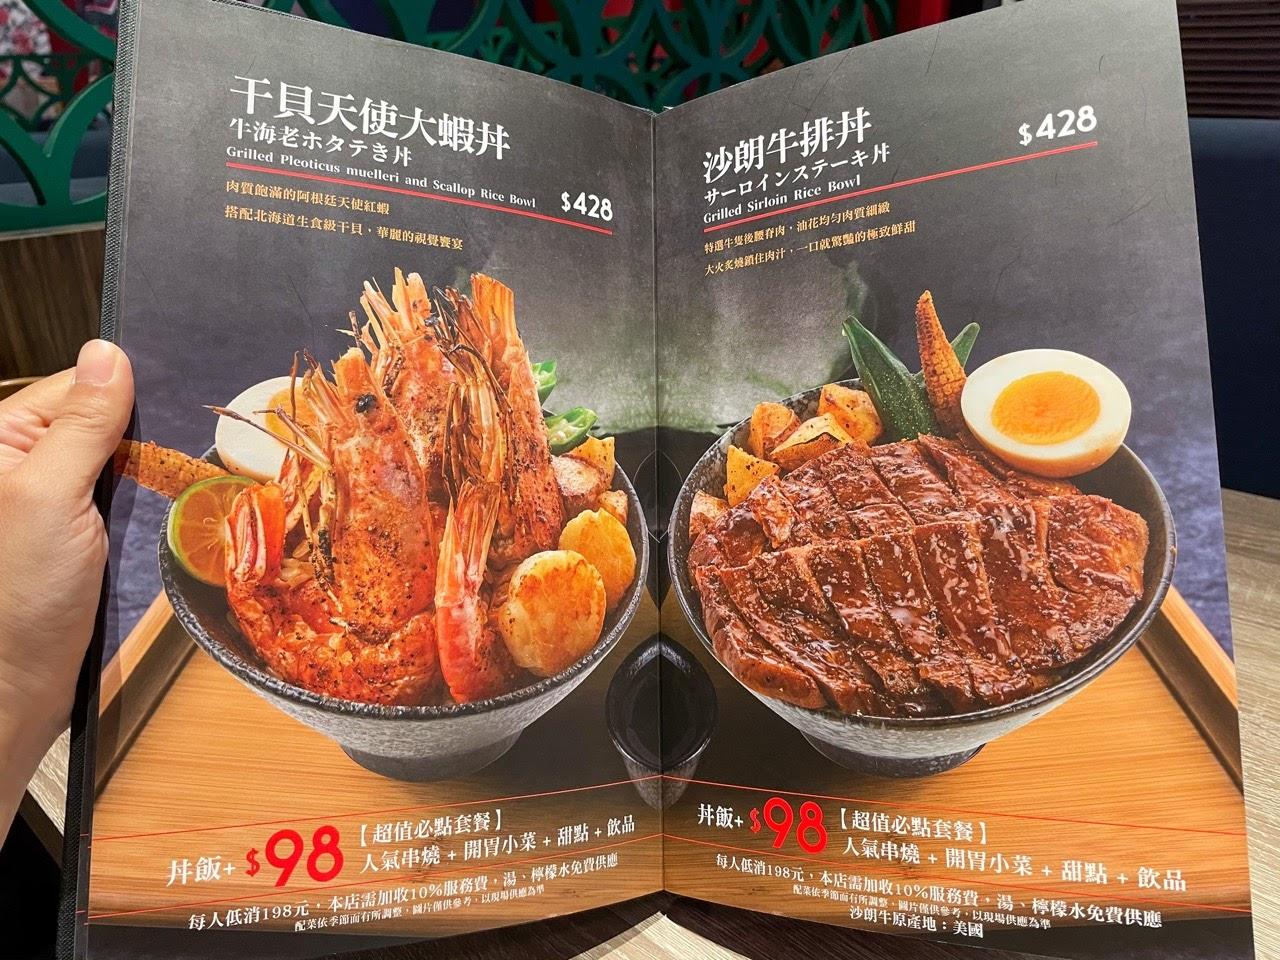 [台南][北區]大河屋大潤發店|日式燒肉丼、串燒|台南聚餐推薦